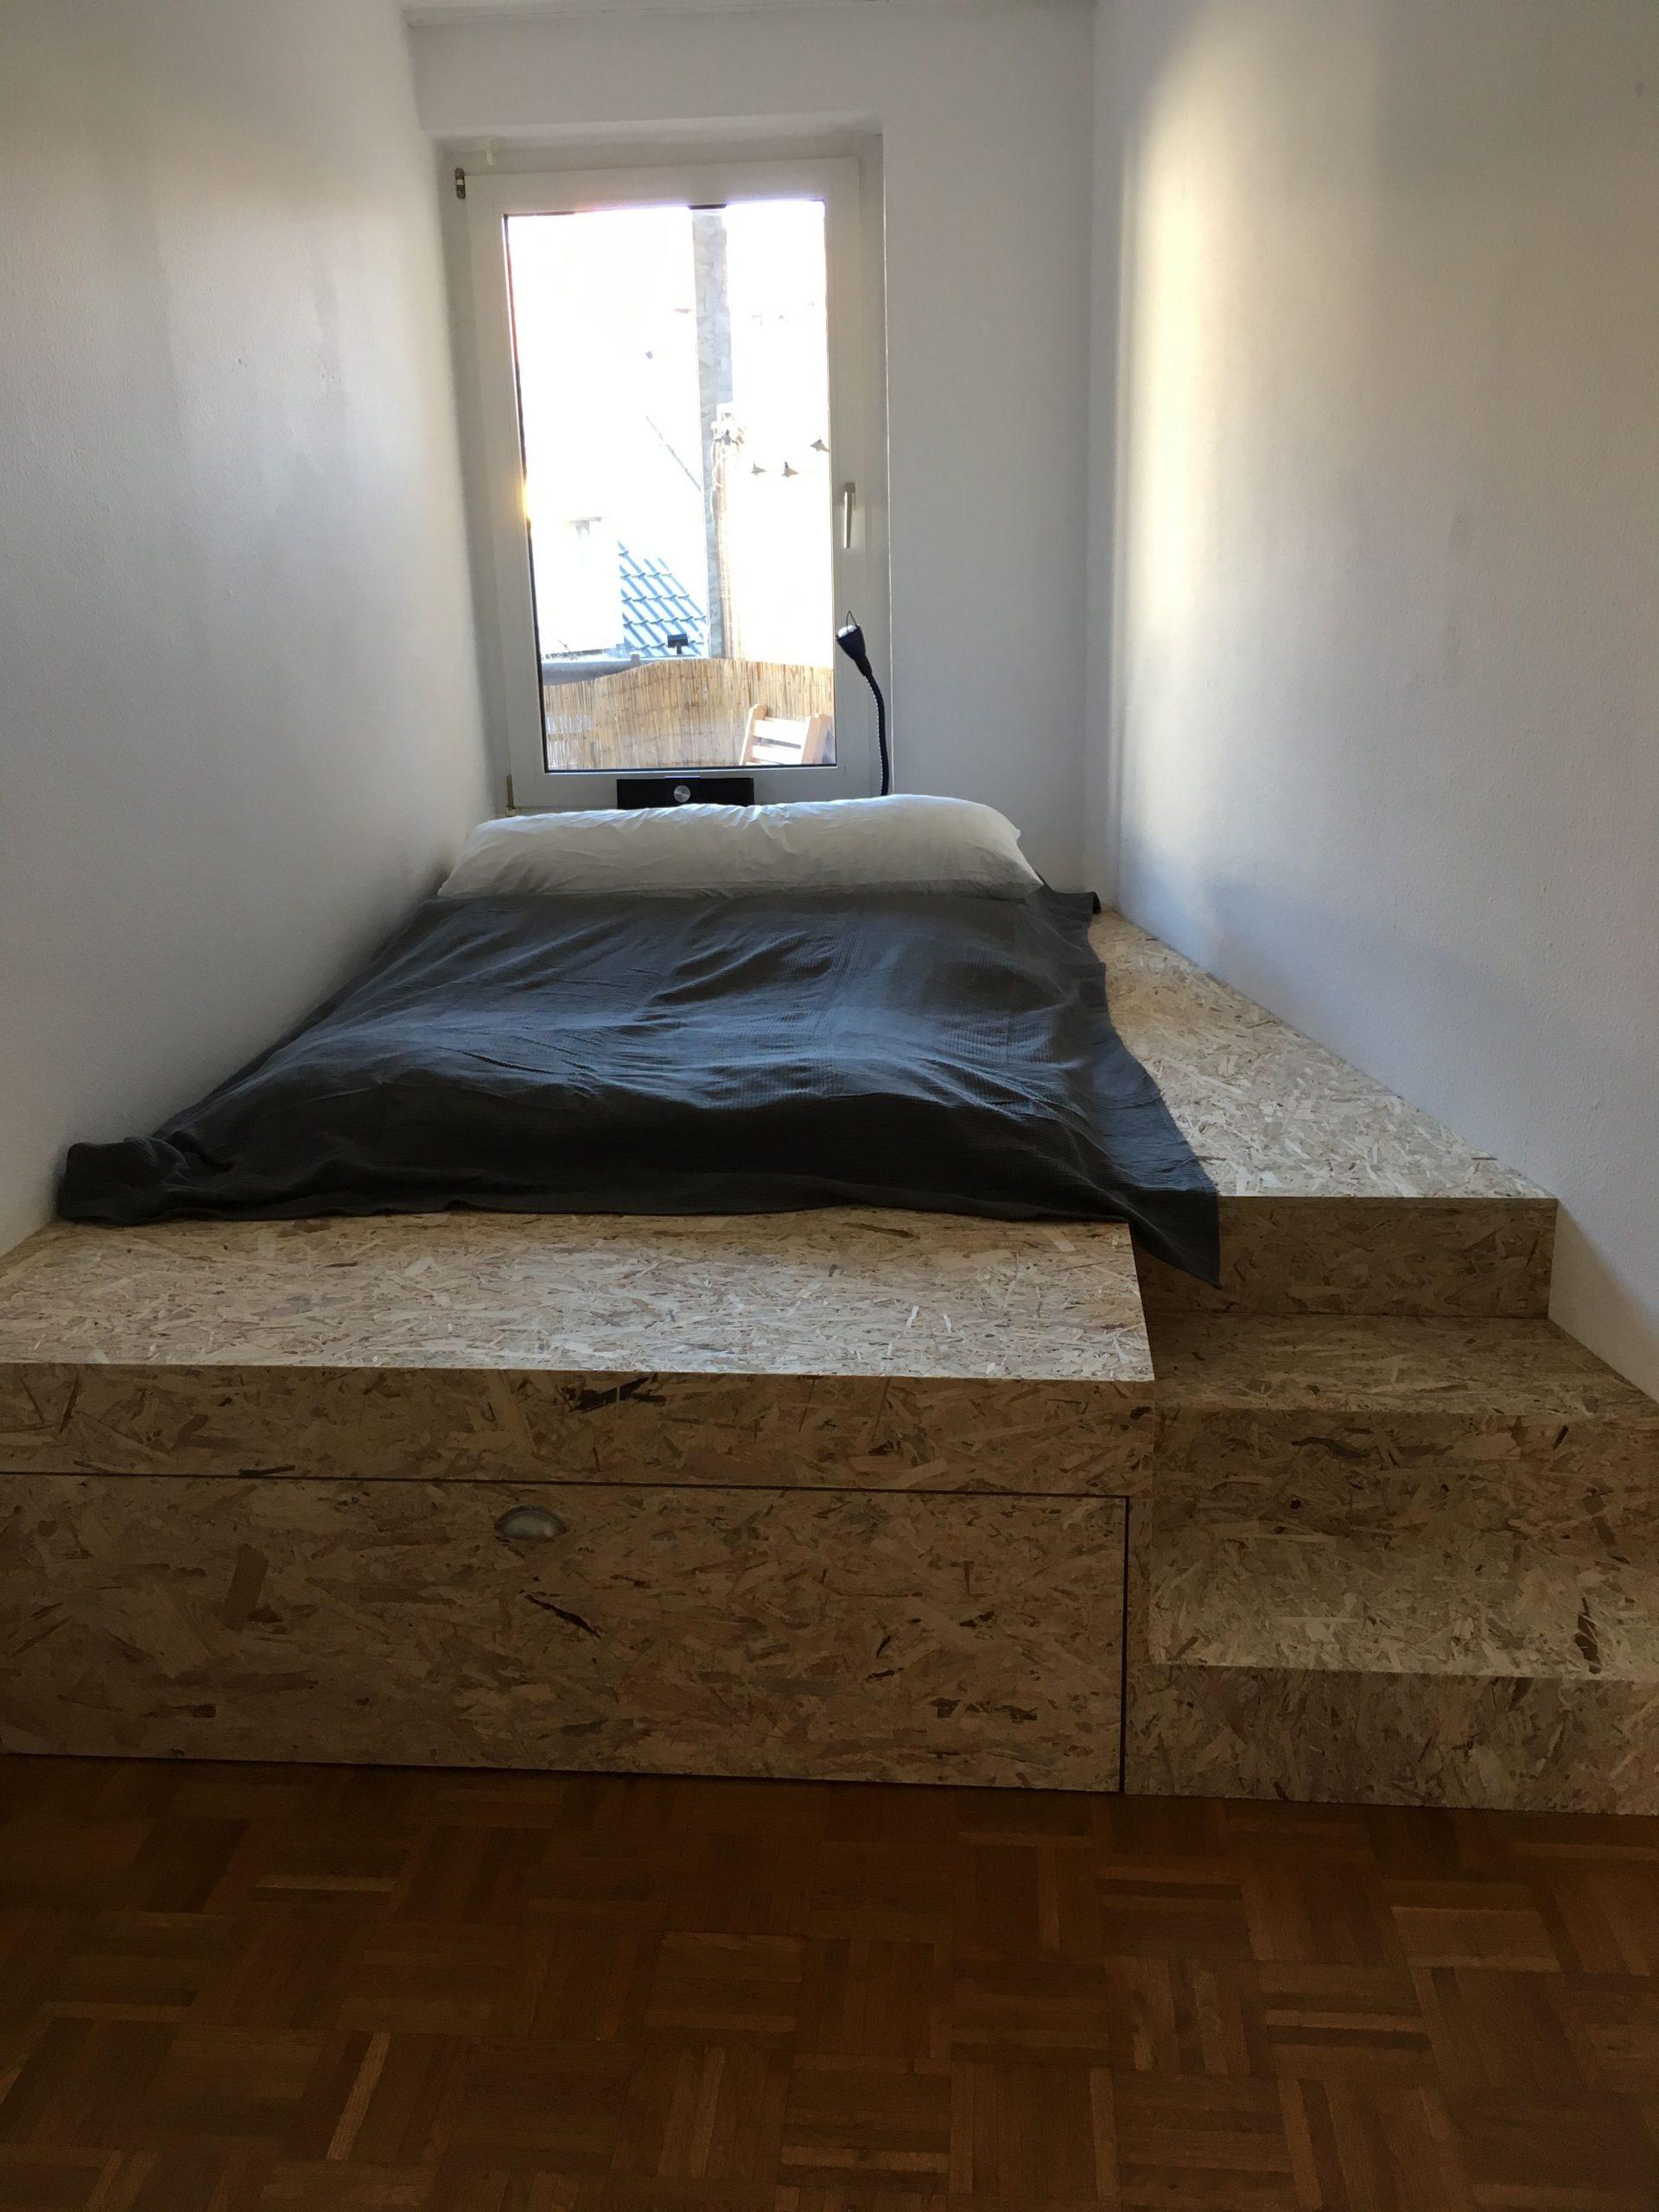 Full Size of Podest Bett Podestbett Selbst Bauen Mit Stauraum Diy Treppe Selber Ikea Hack Kaufen 160x200 Darunter Kosten Topper Modernes Box Spring Rückwand Französische Bett Podest Bett